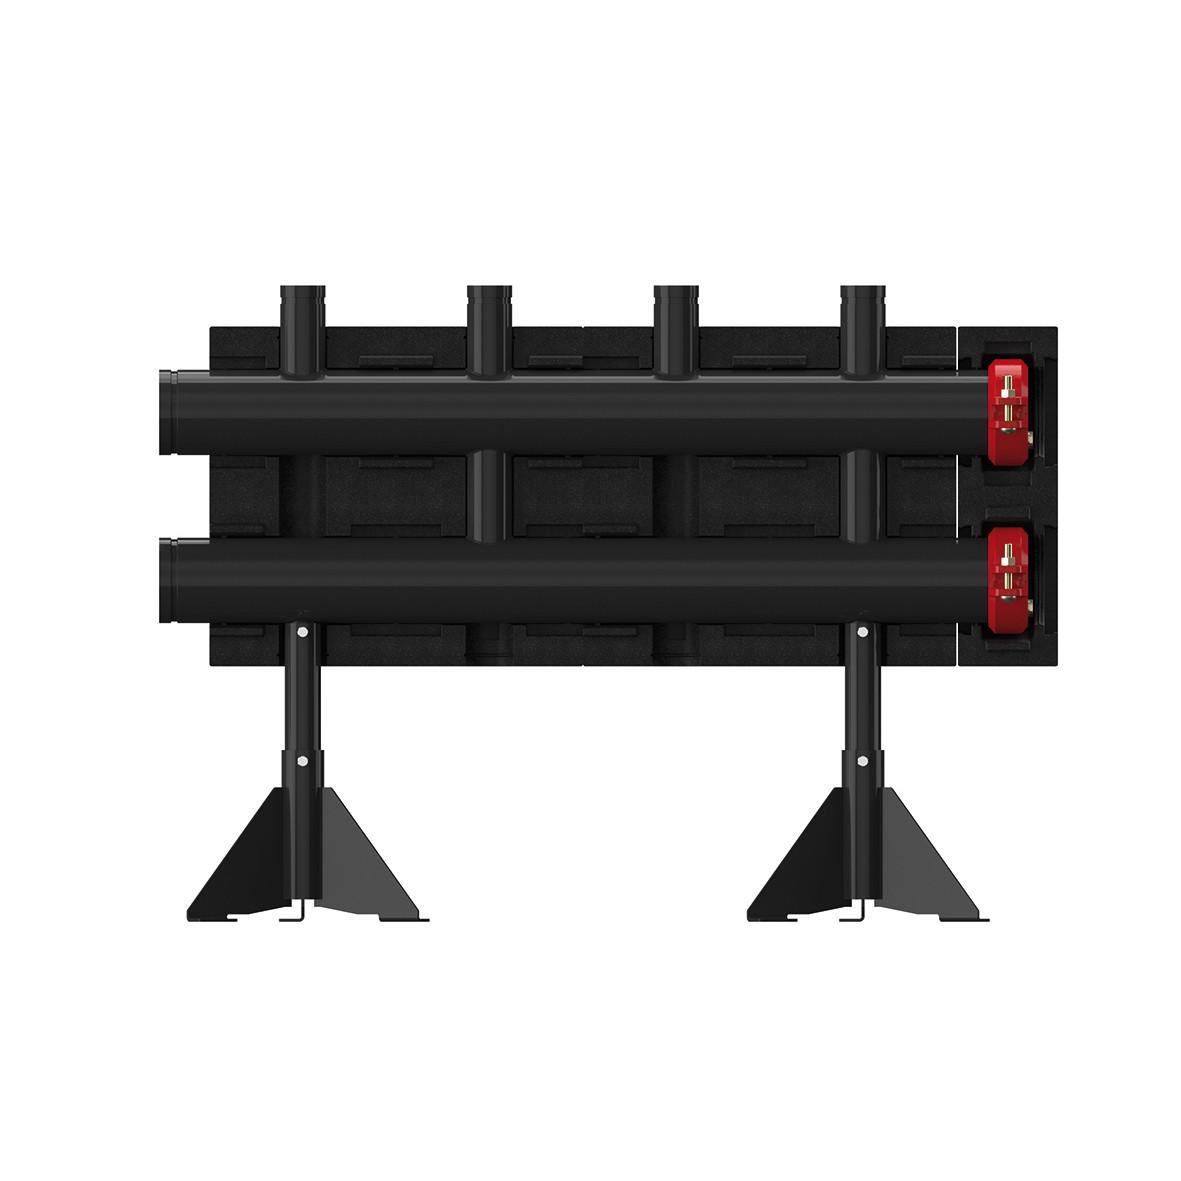 Напольные распределители (коллектор) на 2 контура - Meibes  MeiFlow L MF -700 кВт